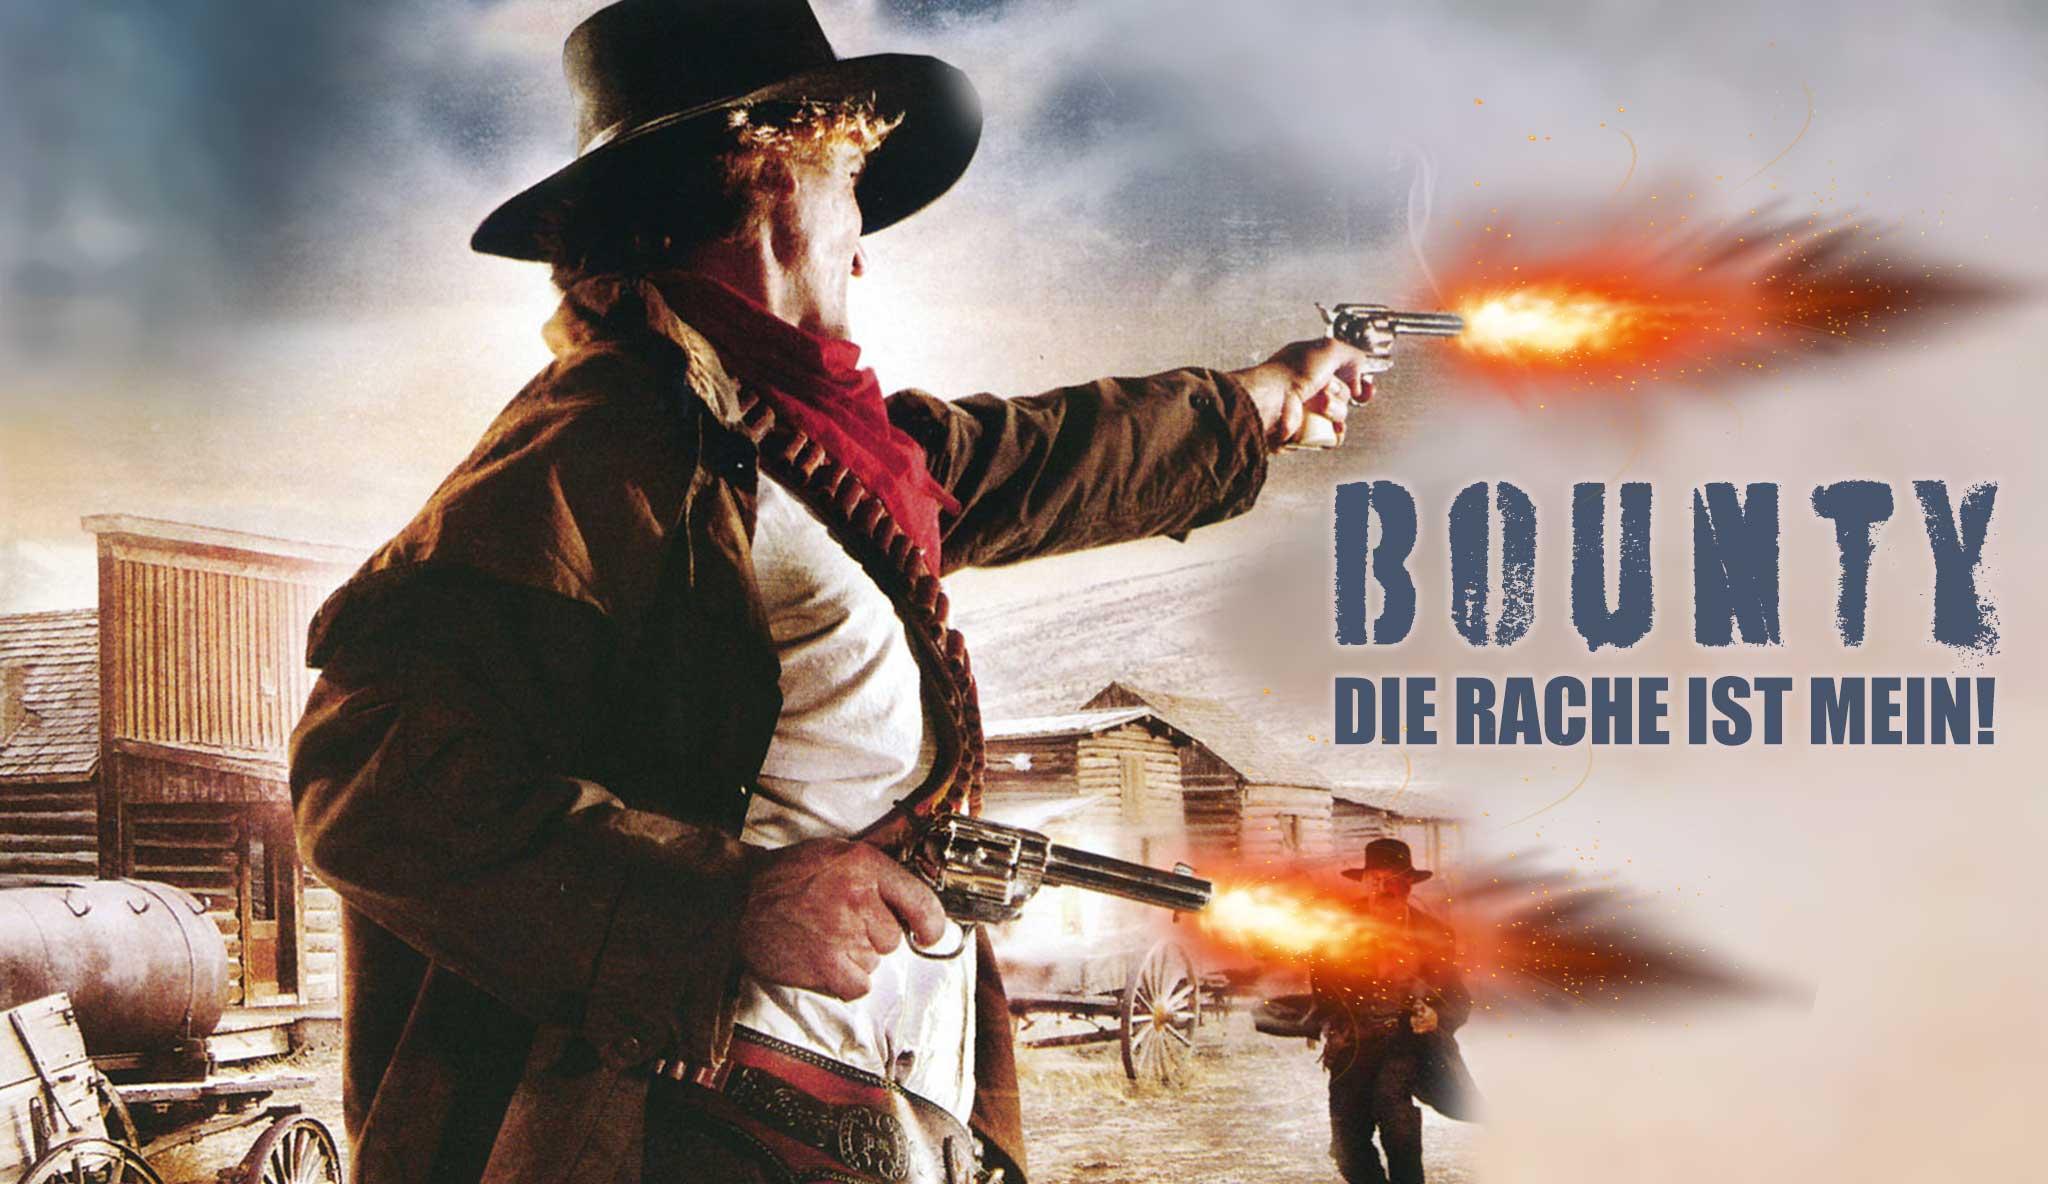 bounty-die-rache-ist-mein\header.jpg